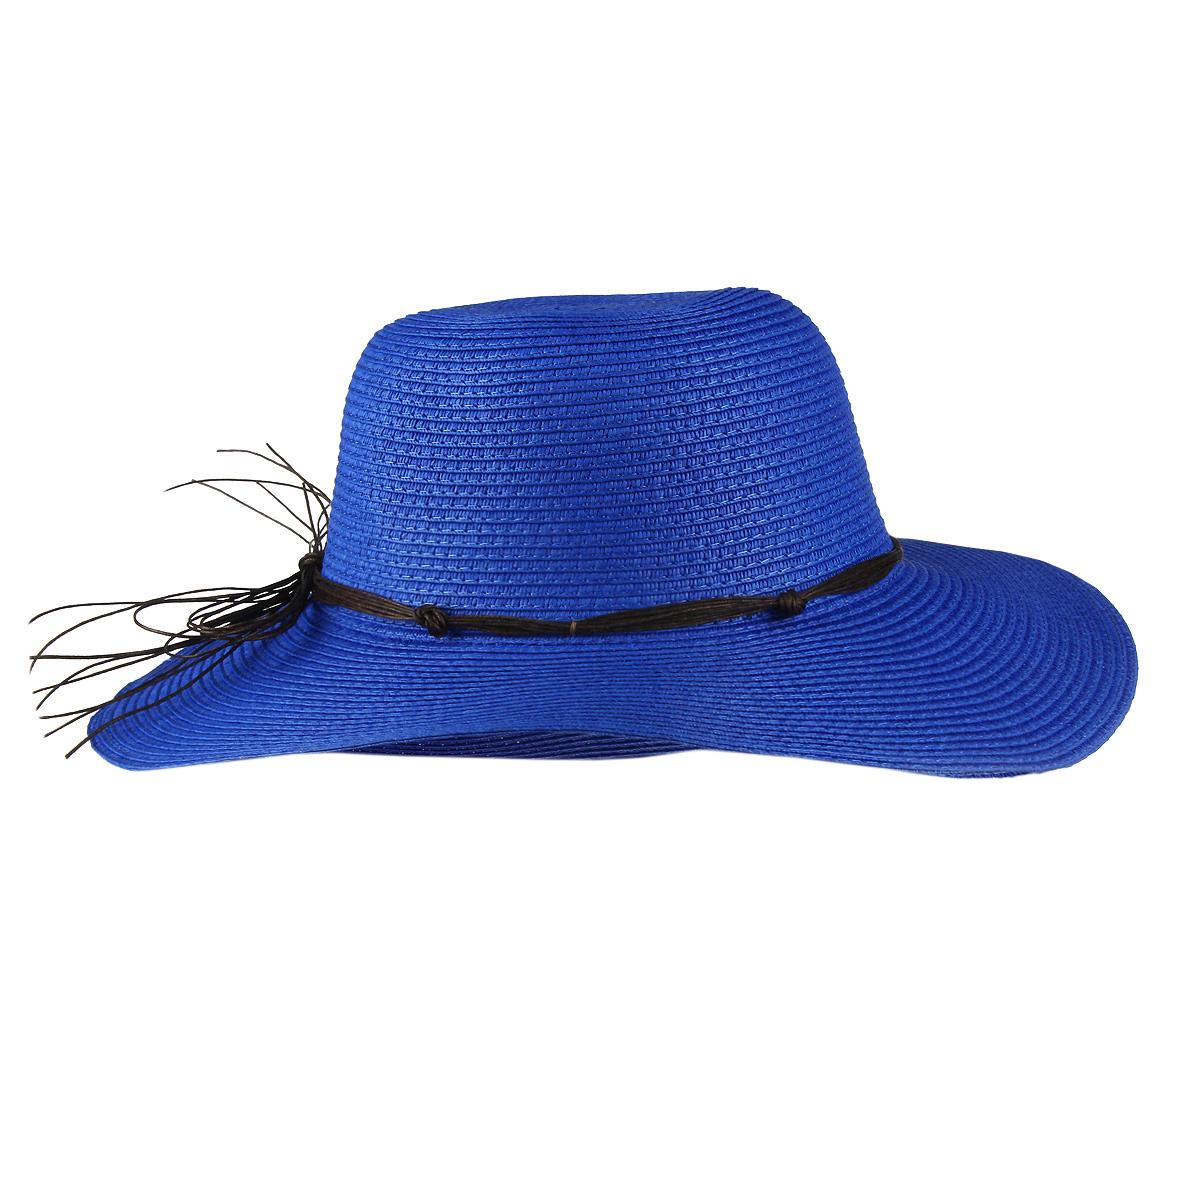 Шляпа1963700Летняя женская шляпа Canoe Tunis, выполненная из искусственной соломы, станет незаменимым аксессуаром для пляжа и отдыха на природе. Широкие поля шляпы надежно защищают от солнечных лучей. Шляпа оформлена оригинальным плетеным шнурком вокруг тульи, завязанным бантом. Плетение шляпы обеспечивает необходимую вентиляцию и комфорт даже в самый знойный день. Шляпа легко восстанавливает свою форму после сжатия. Стильная шляпа с элегантными волнистыми полями подчеркнет вашу неповторимость и дополнит ваш повседневный образ.